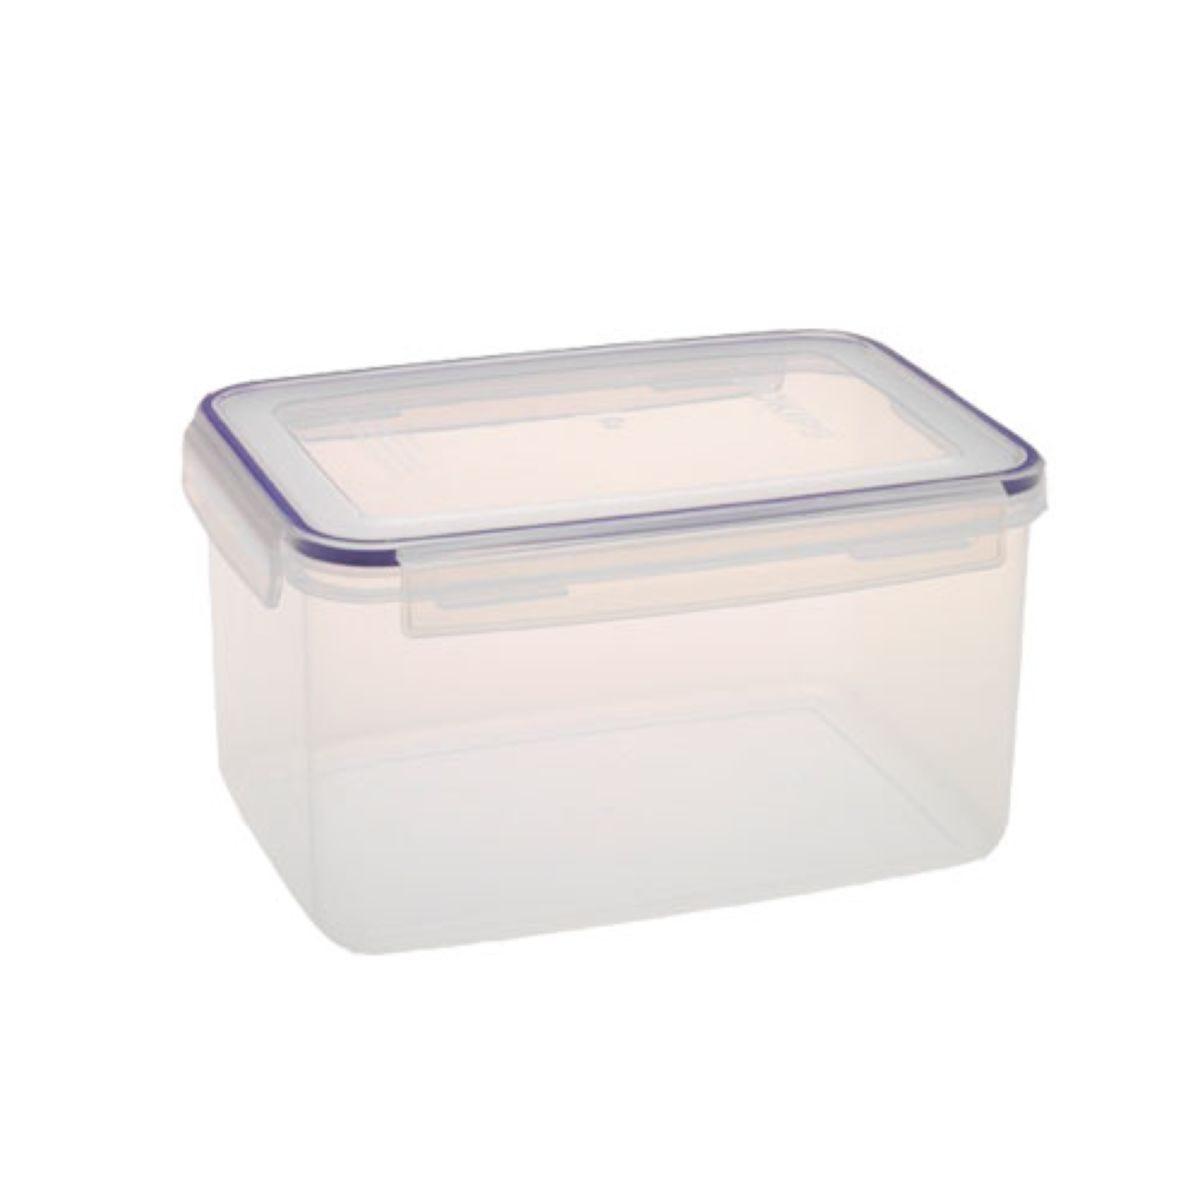 Addis Clip & Close Deep Container - 4.6L